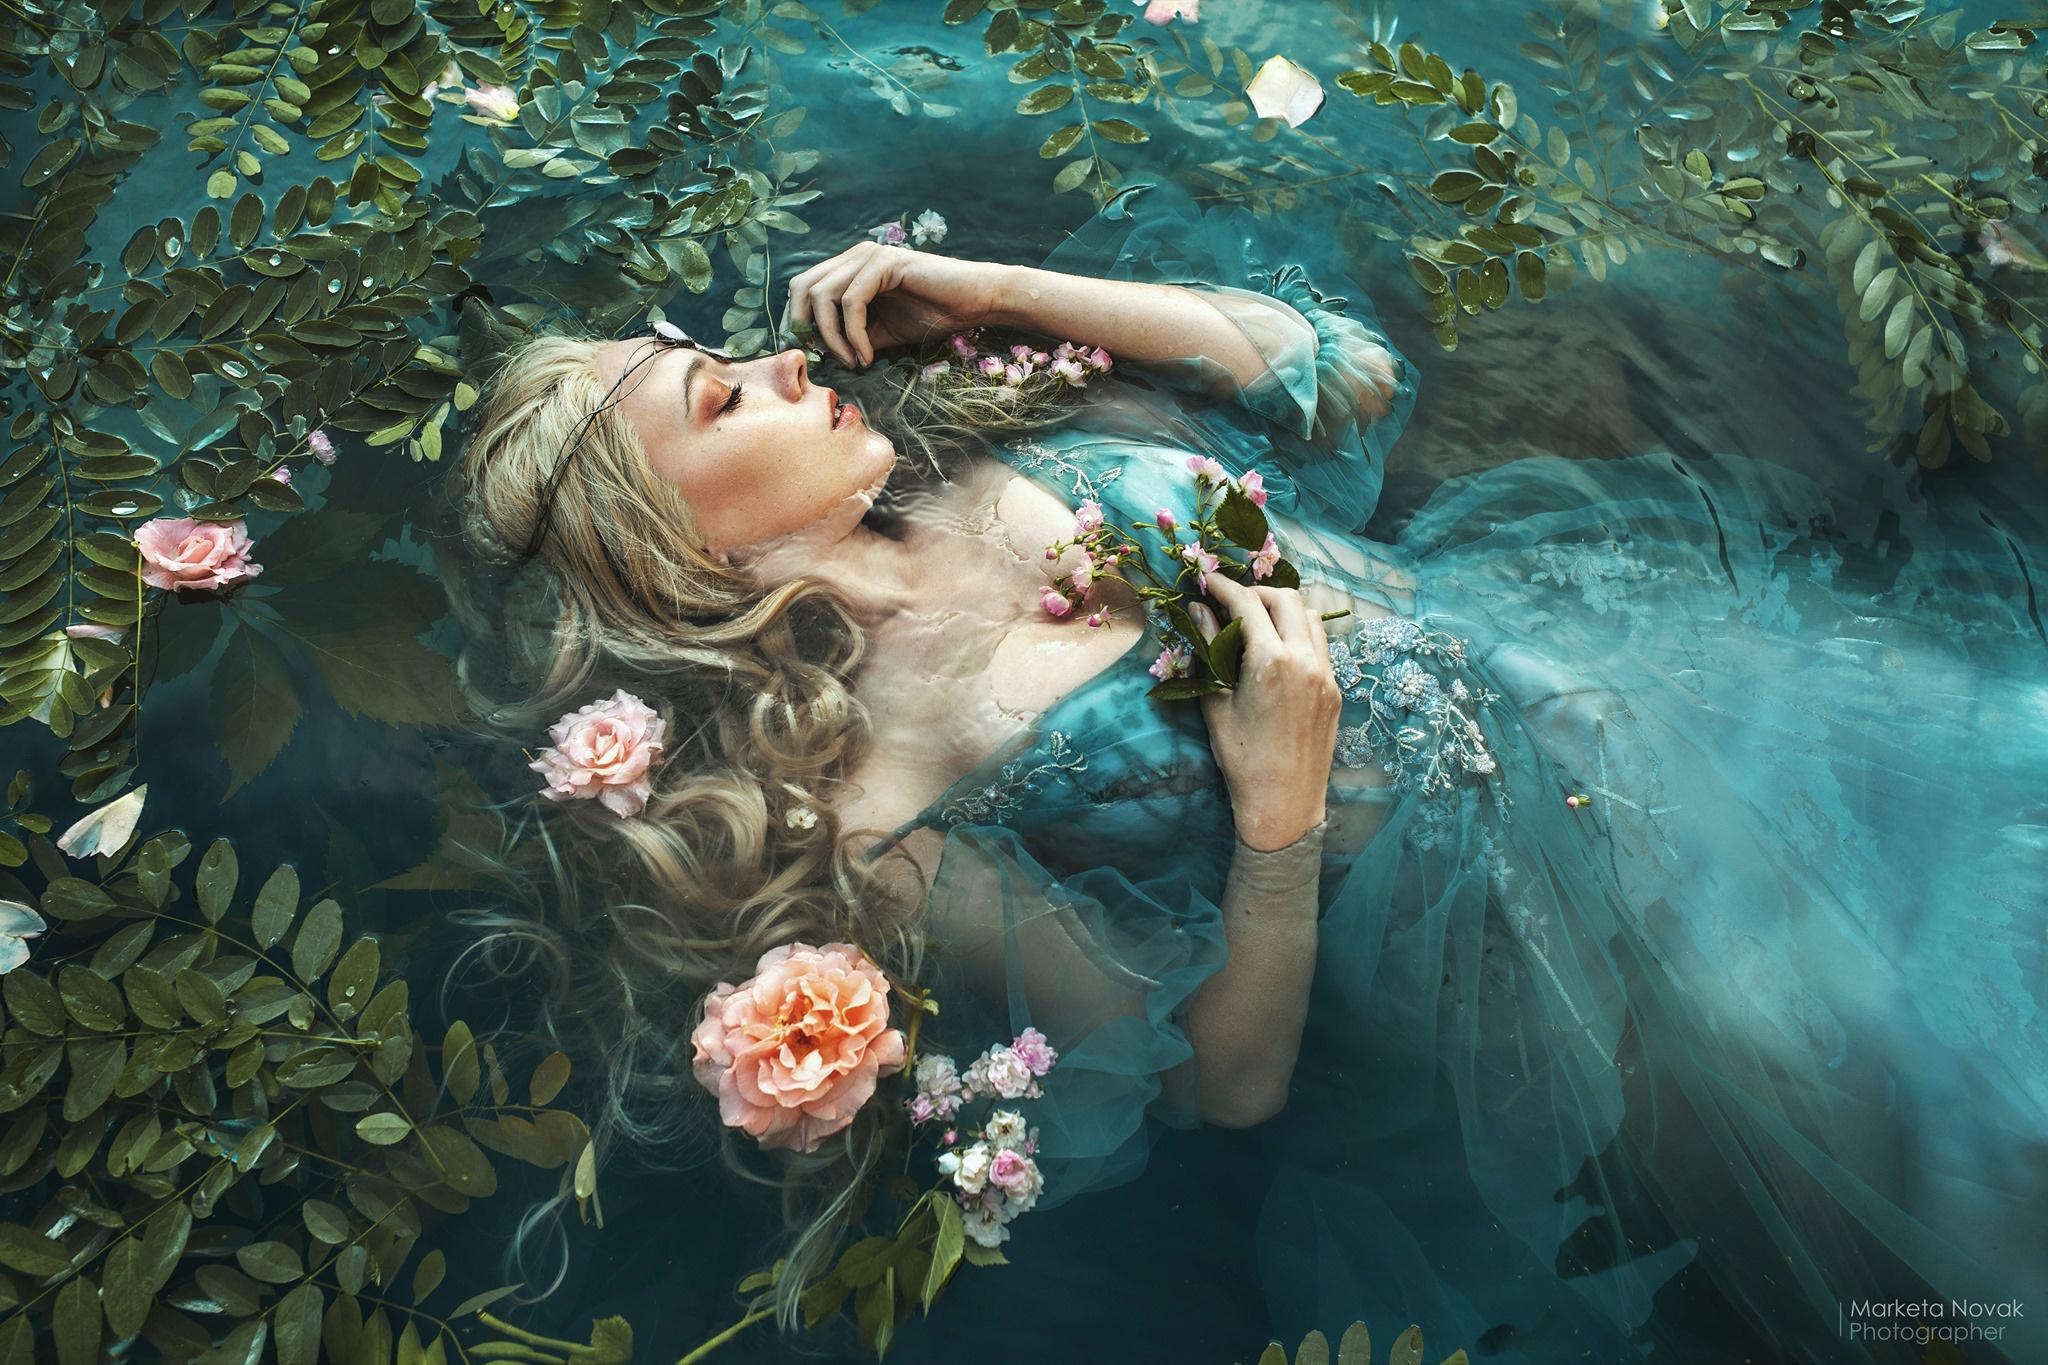 Marketa Novak Women Model In Water Dress Flowers Plants Fantasy Girl Closed Eyes Cyan Dress Blonde W 2048x1365